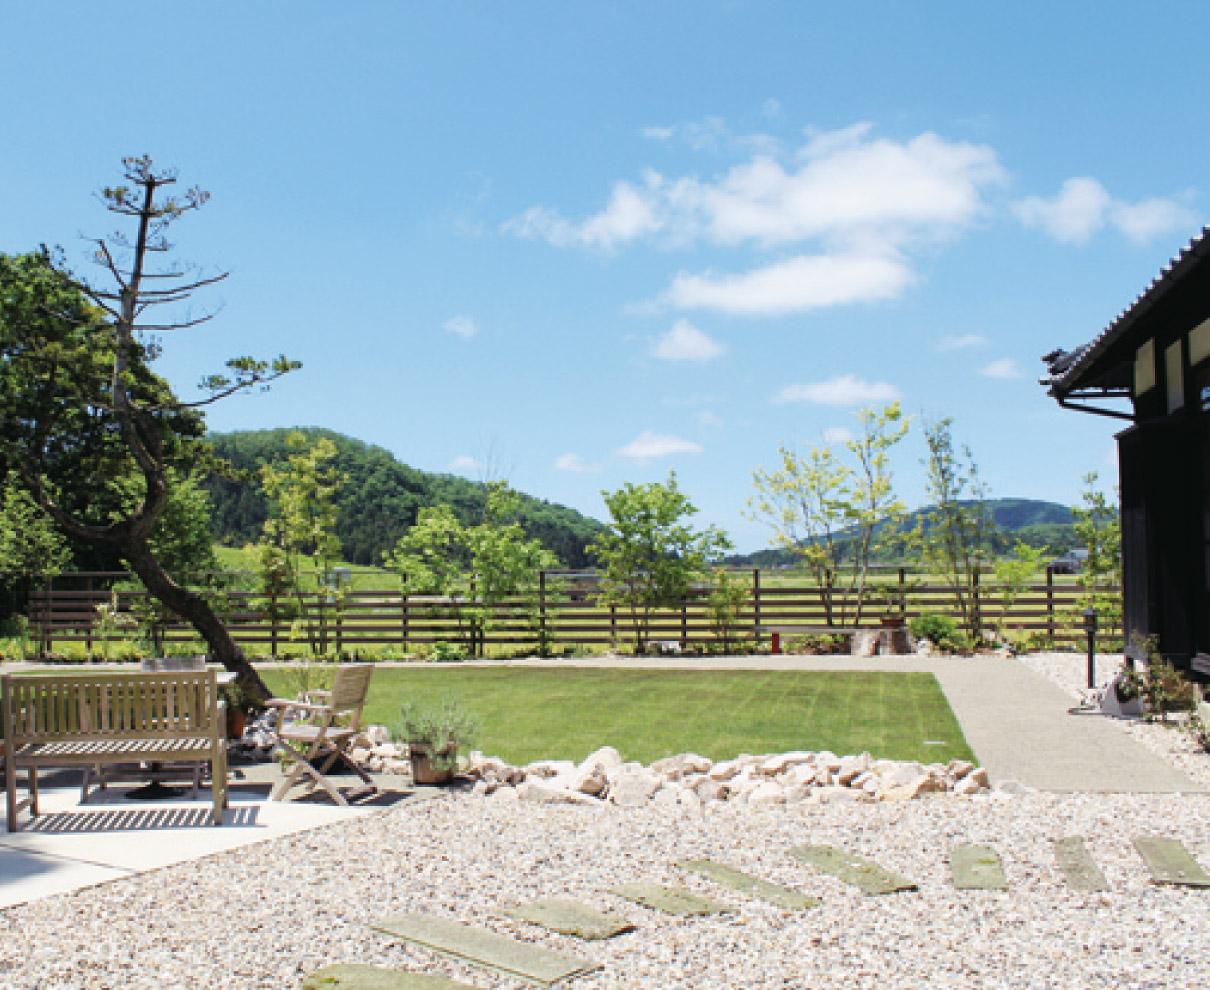 庭で過ごす贅沢な時間 「ステイガーデン」。|緑香庭(りょっかてい)